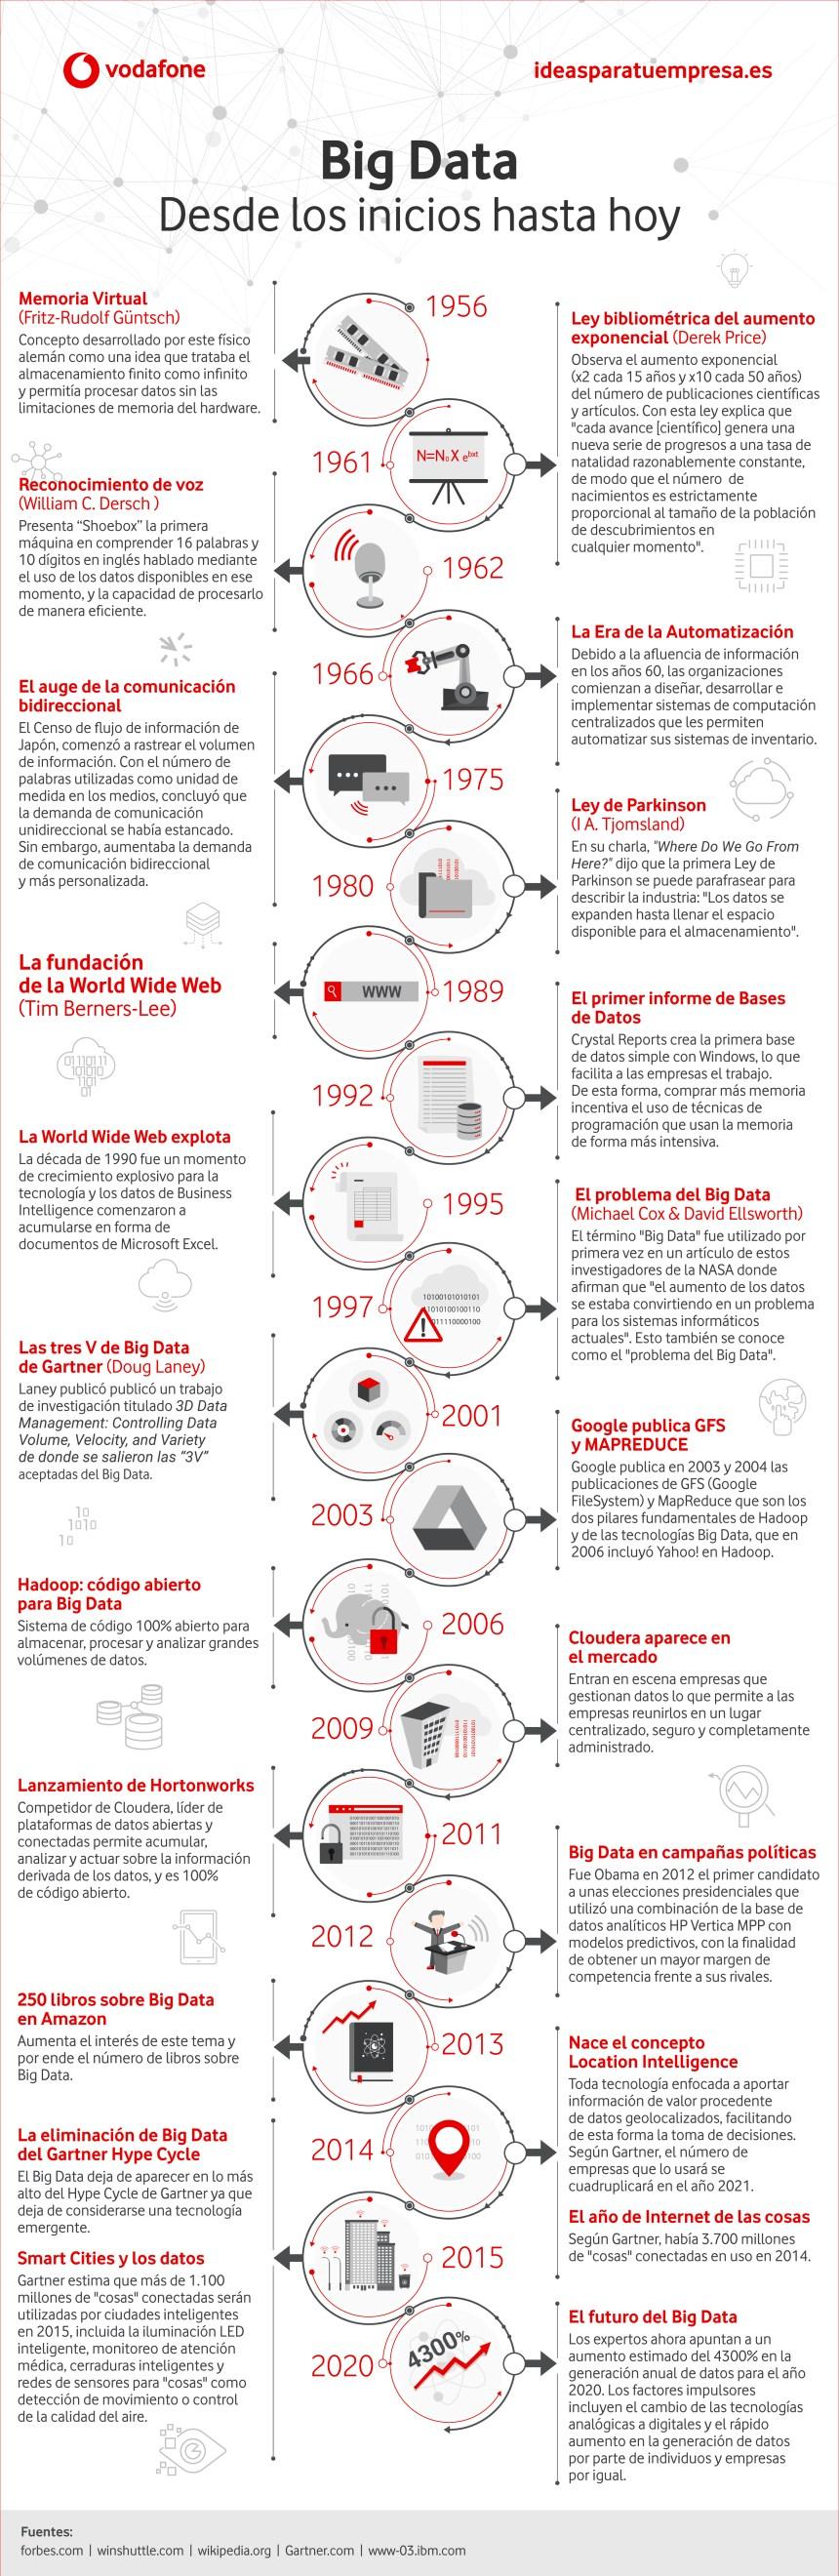 Historia del Big Data